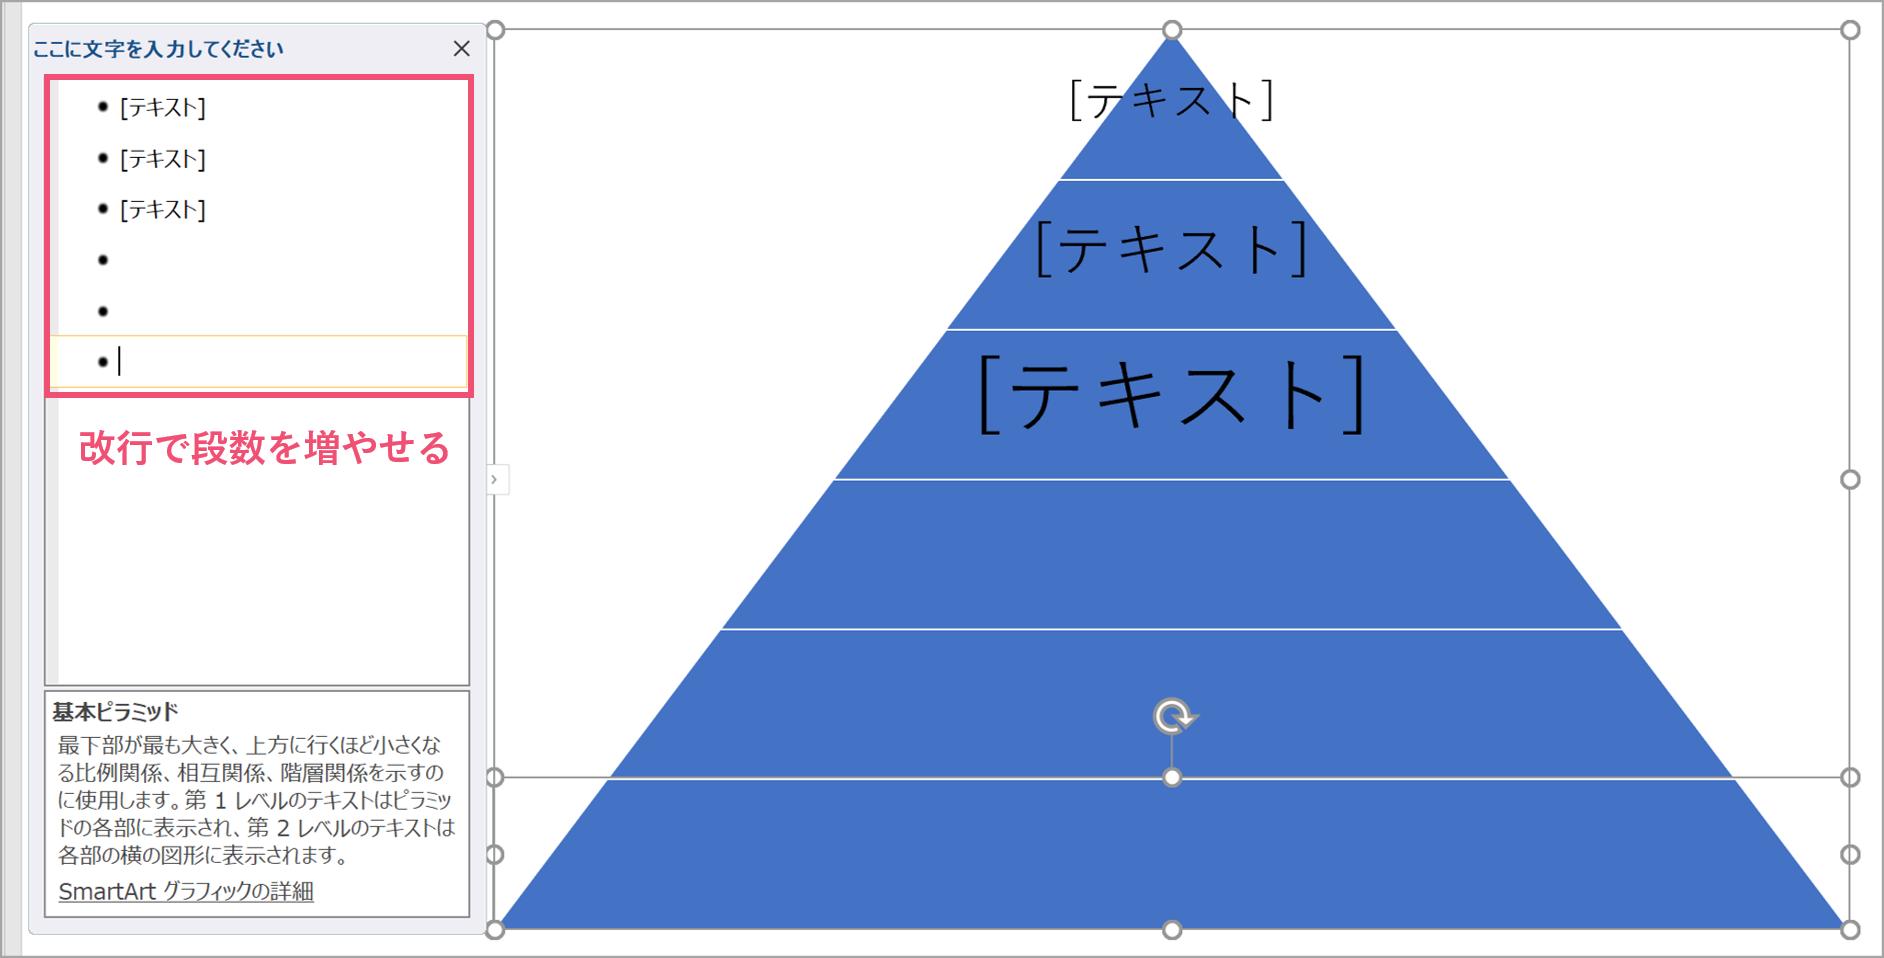 改行することでピラミッドの段数を増やす